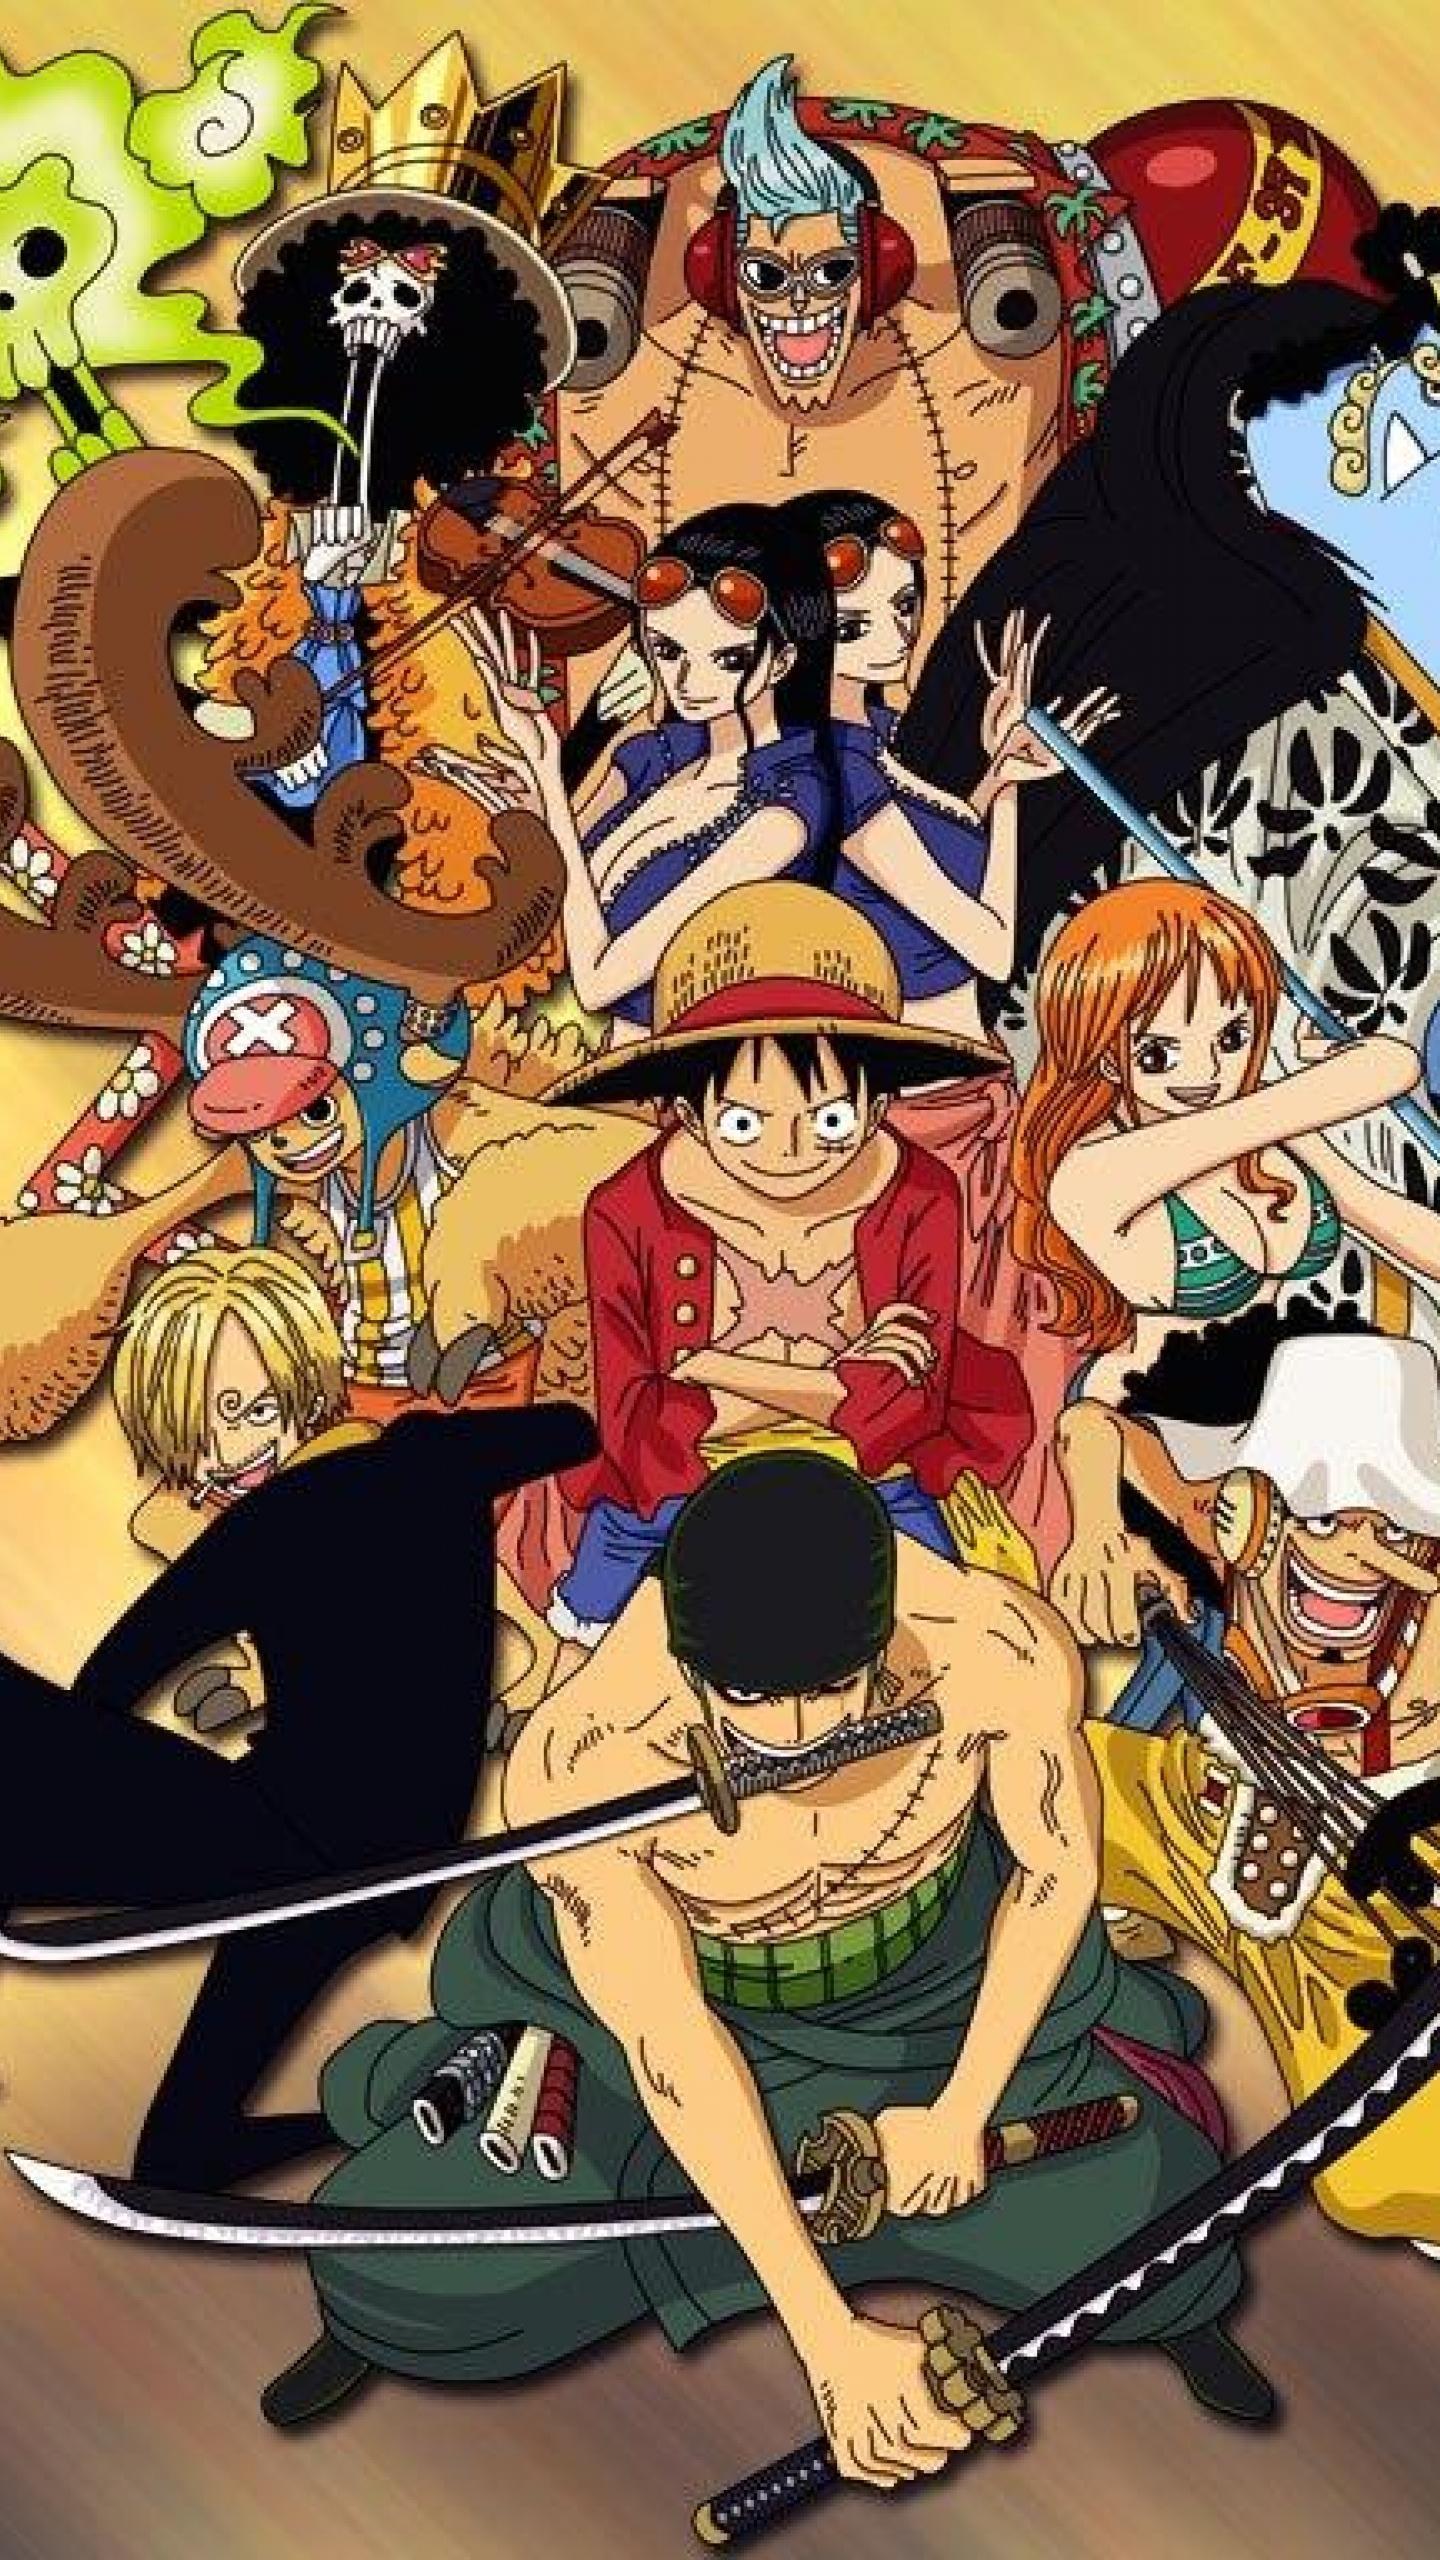 19201080 Az E Maca C 04 Aƒ Aƒ Aƒ Aƒ A One Piece One Piece Hd Wallpaper Android 1440x2560 Download Hd Wallpaper Wallpapertip